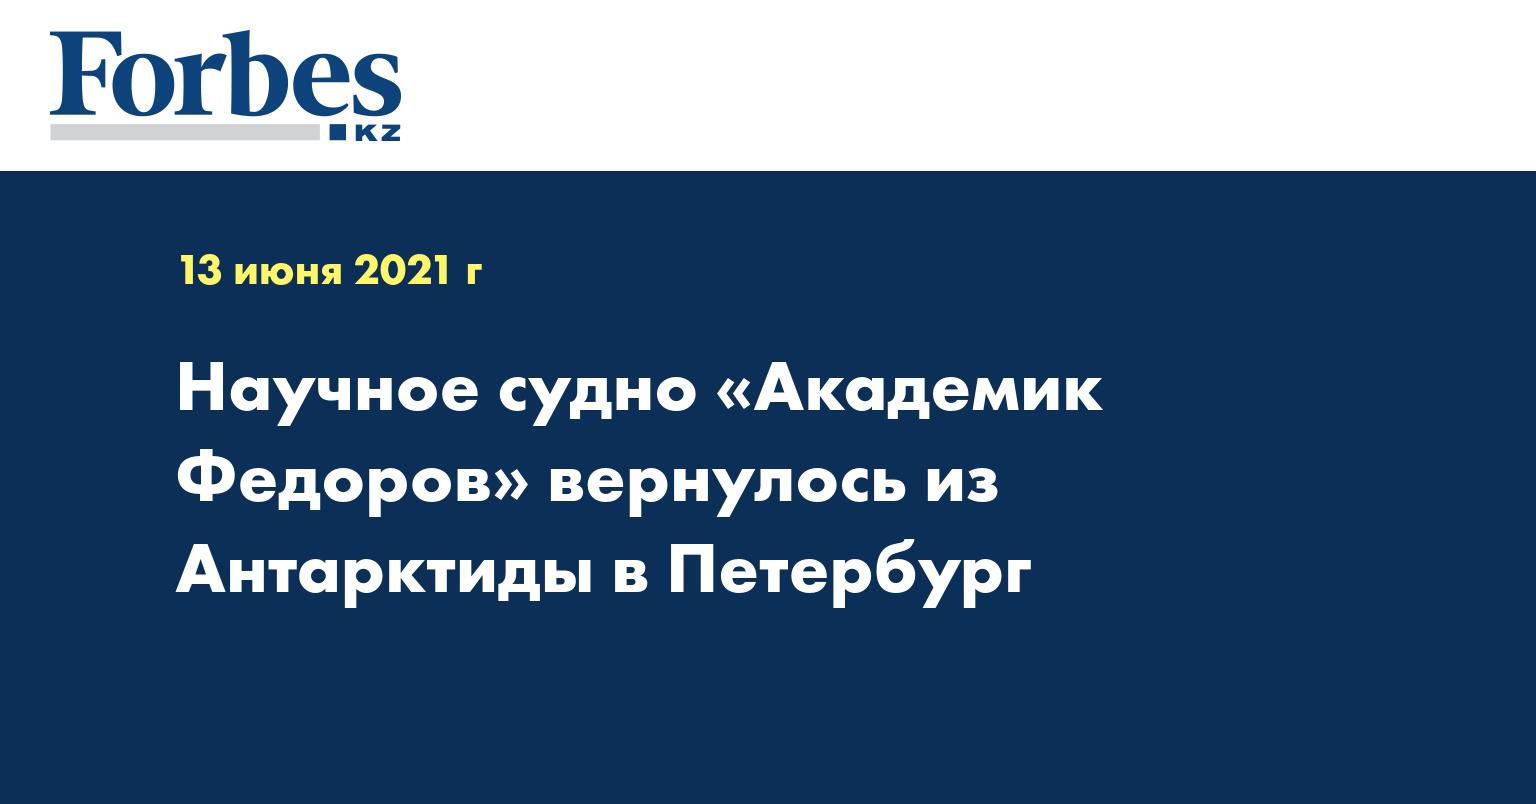 Научное судно «Академик Федоров» вернулось из Антарктиды в Петербург